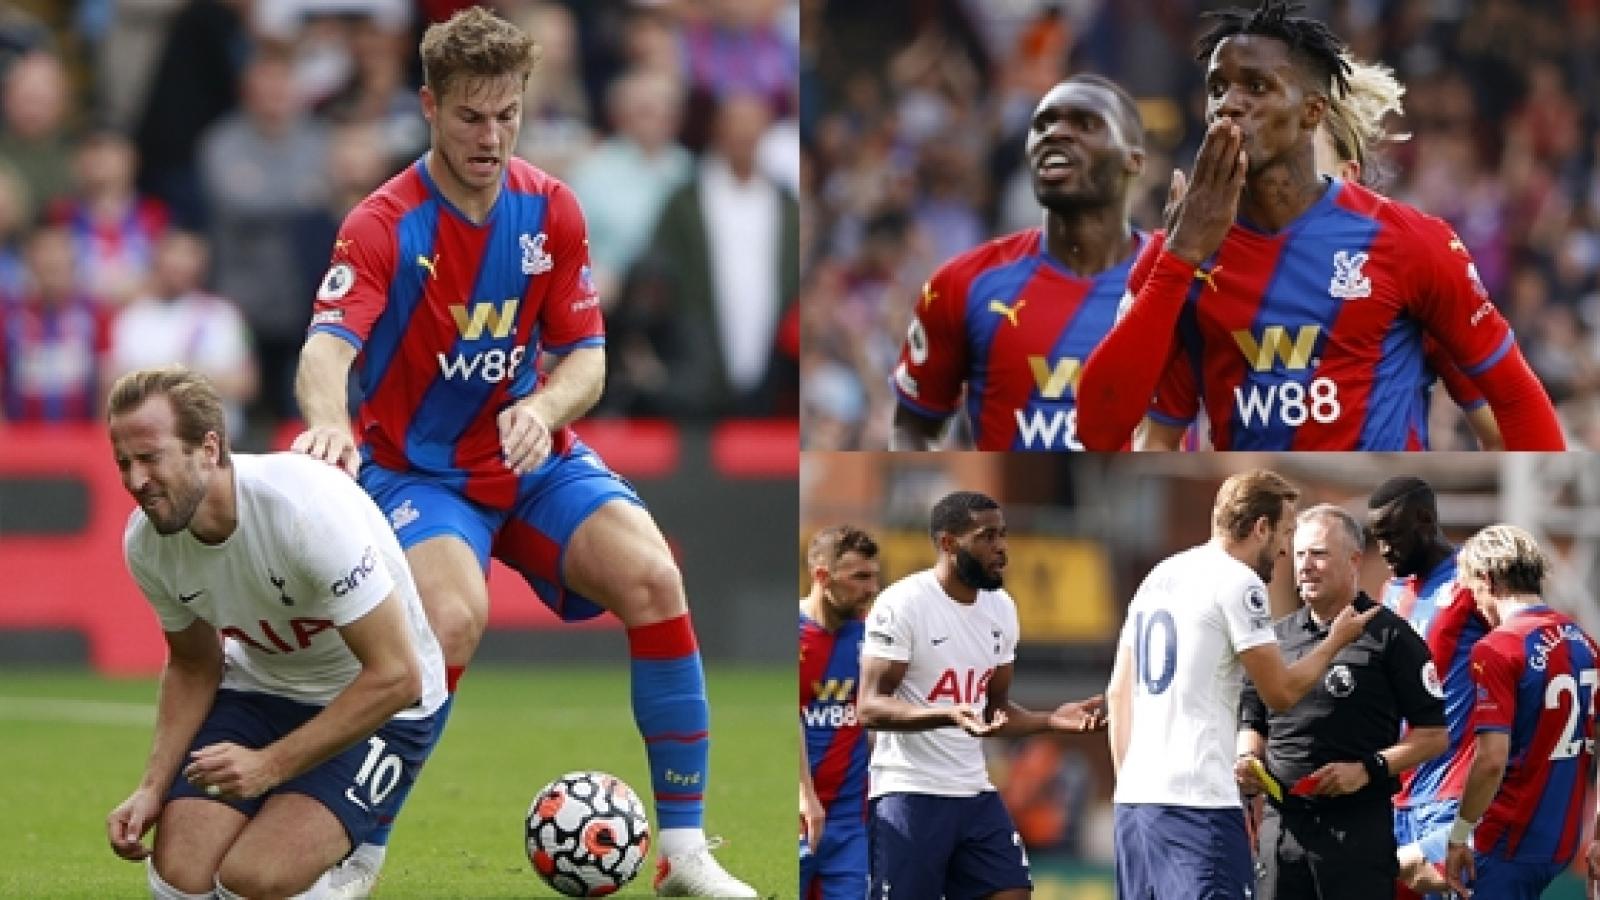 Tottenham thua đậm Crystal Palace, Ngoại hạng Anh không còn đội nào toàn thắng